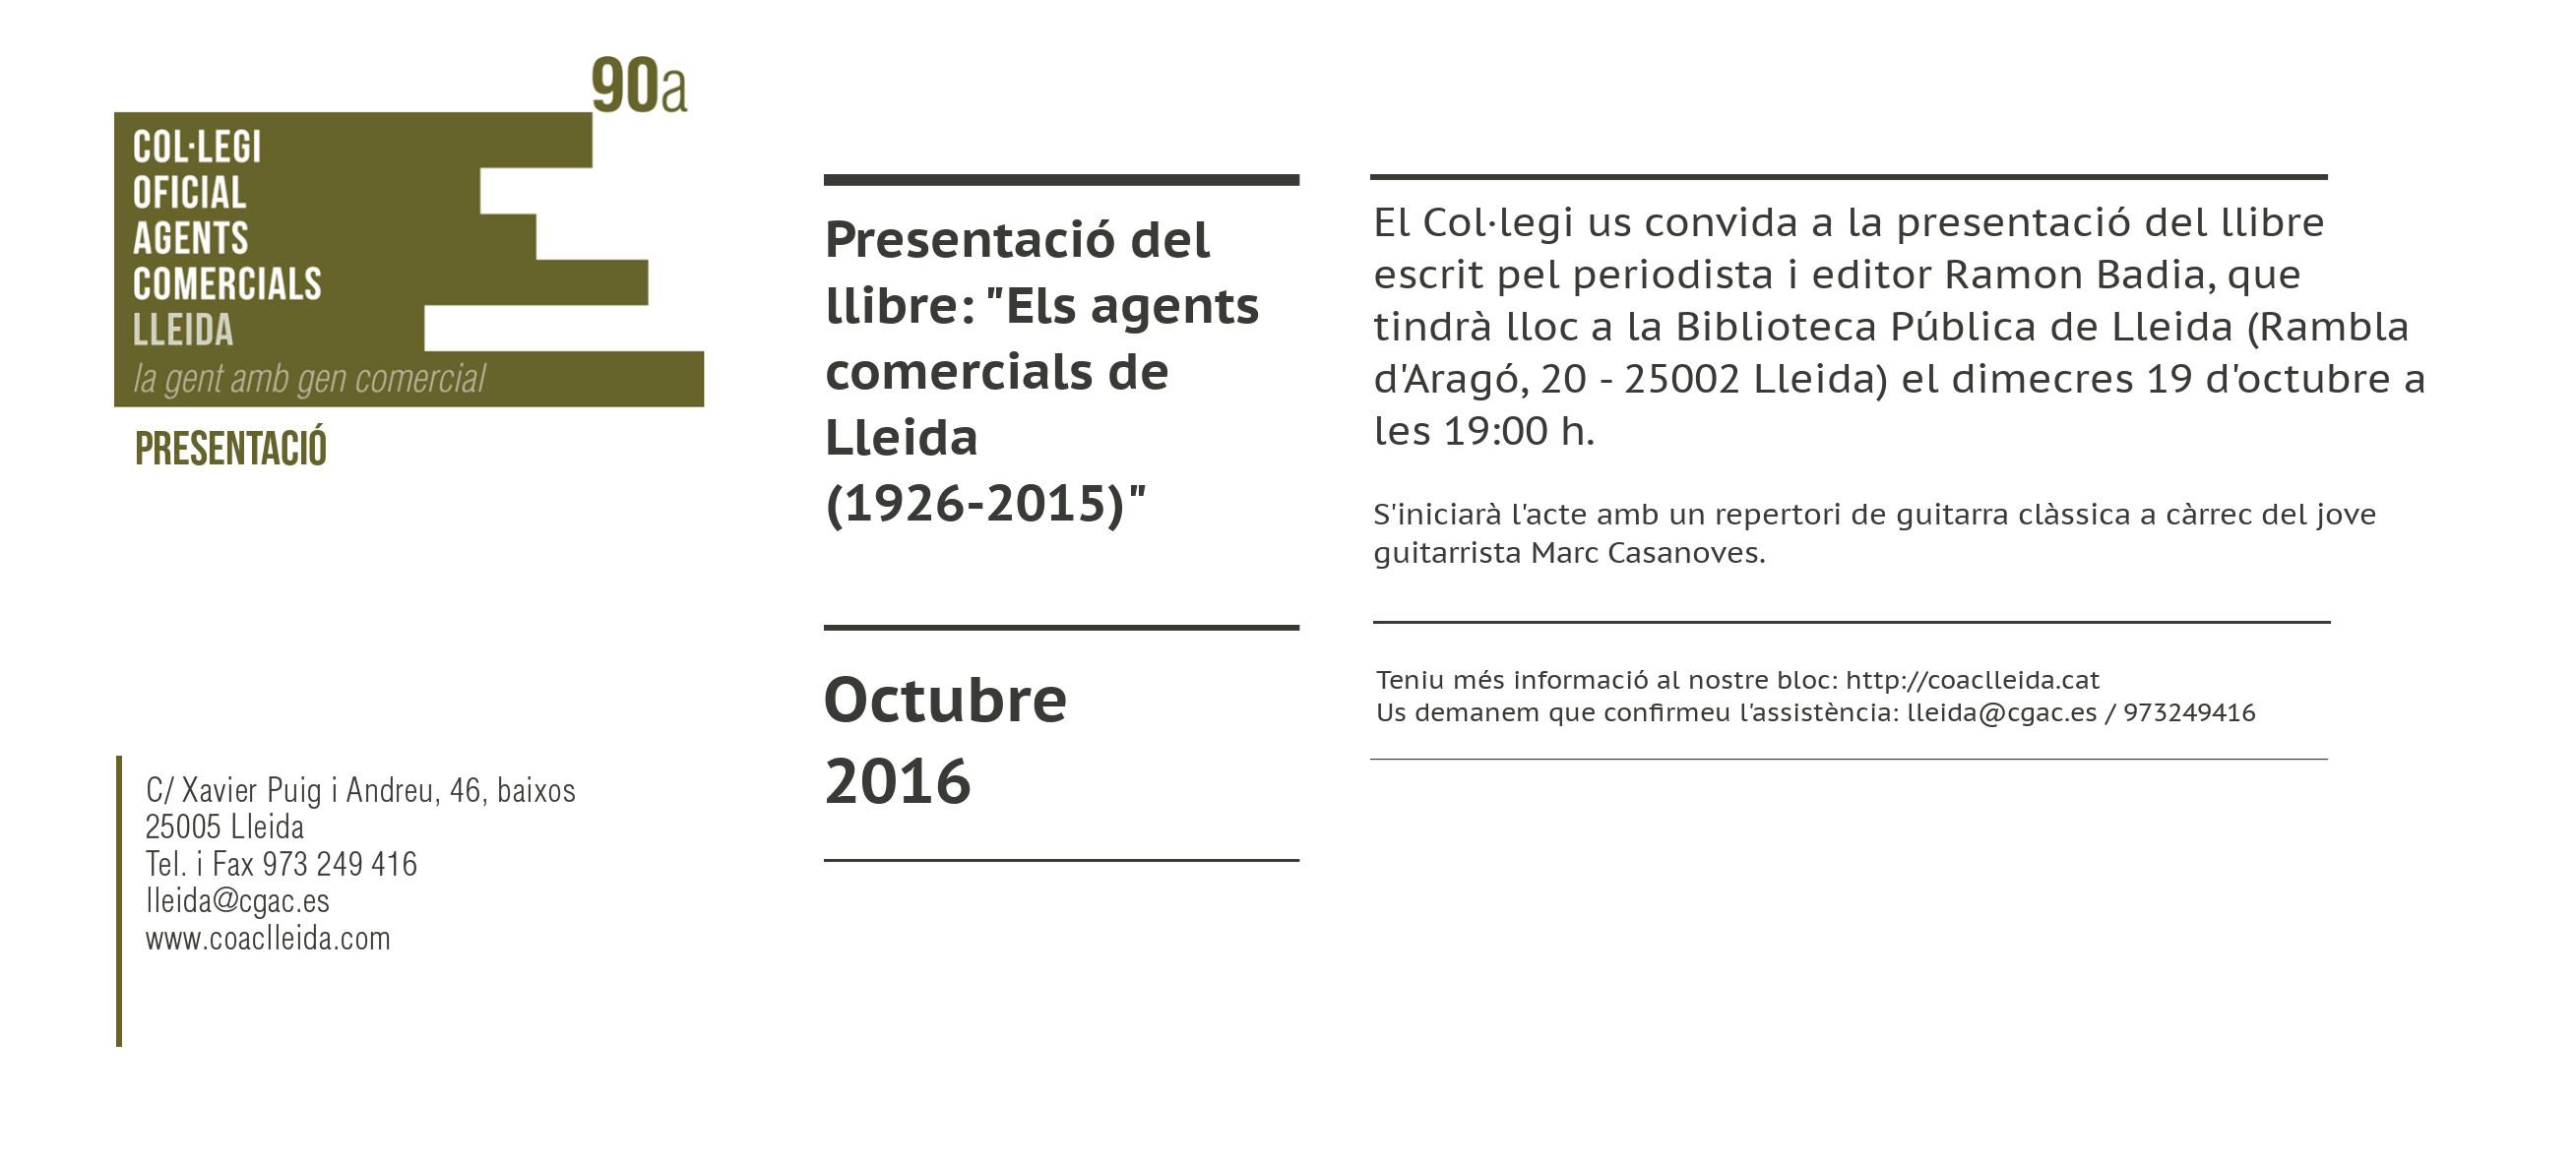 presetnació_llibre_octubre